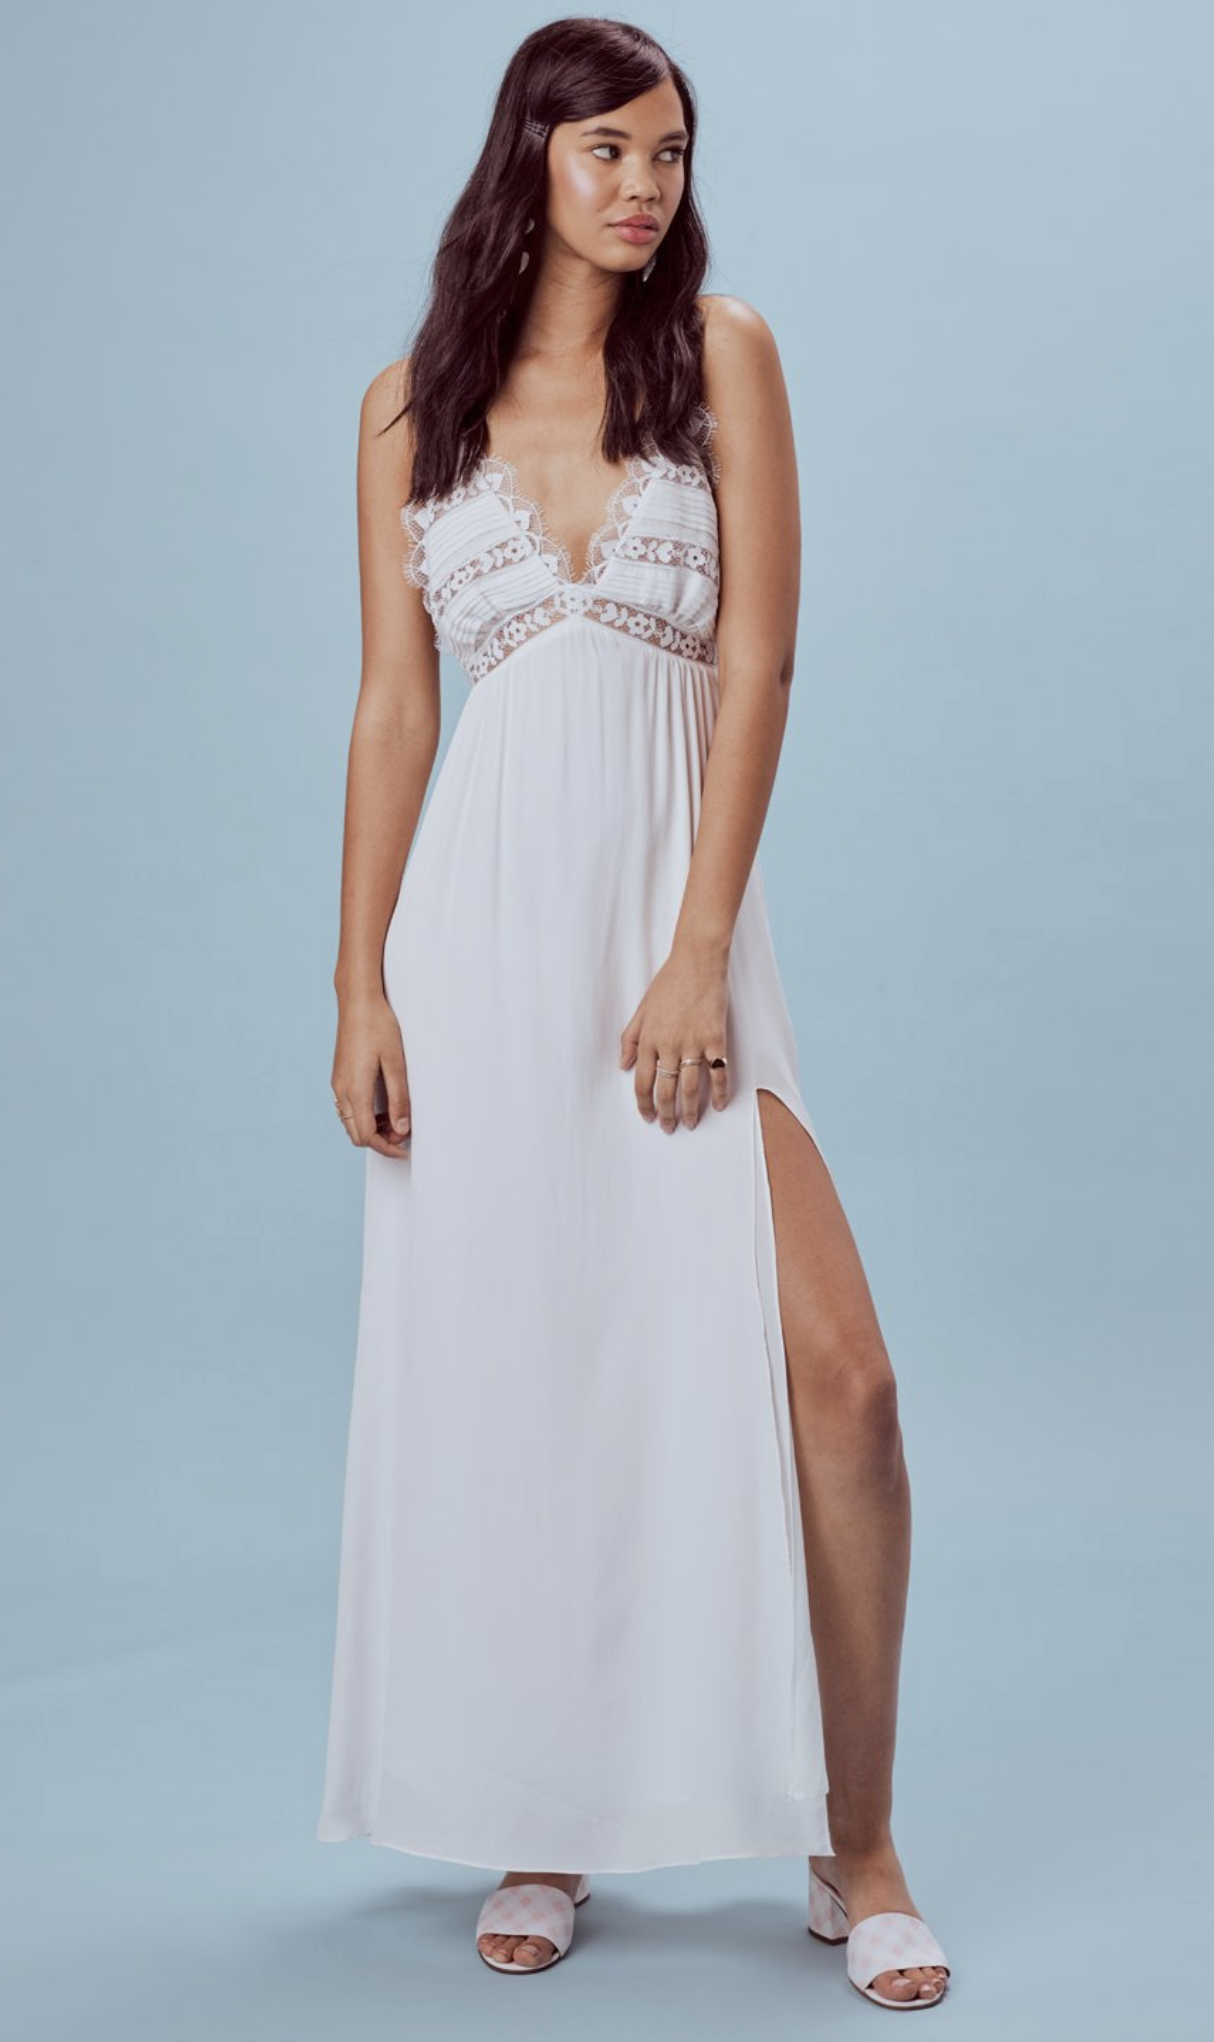 Lovebird Maxi Dress - $288